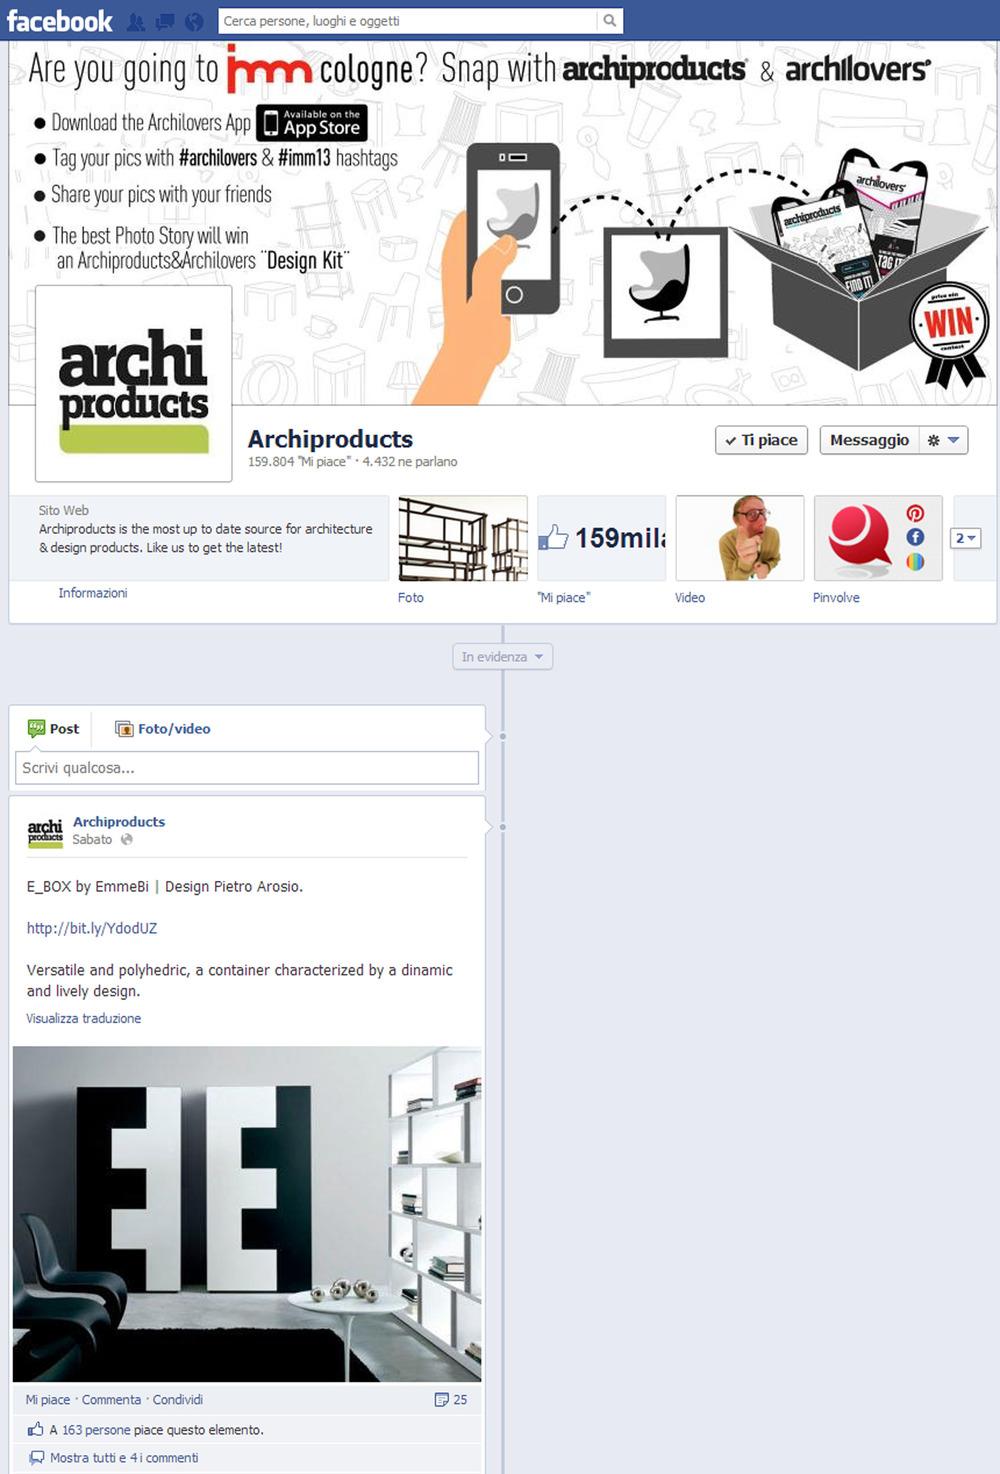 Facebook_Archiproducts 19 Gennaio 2013.jpg